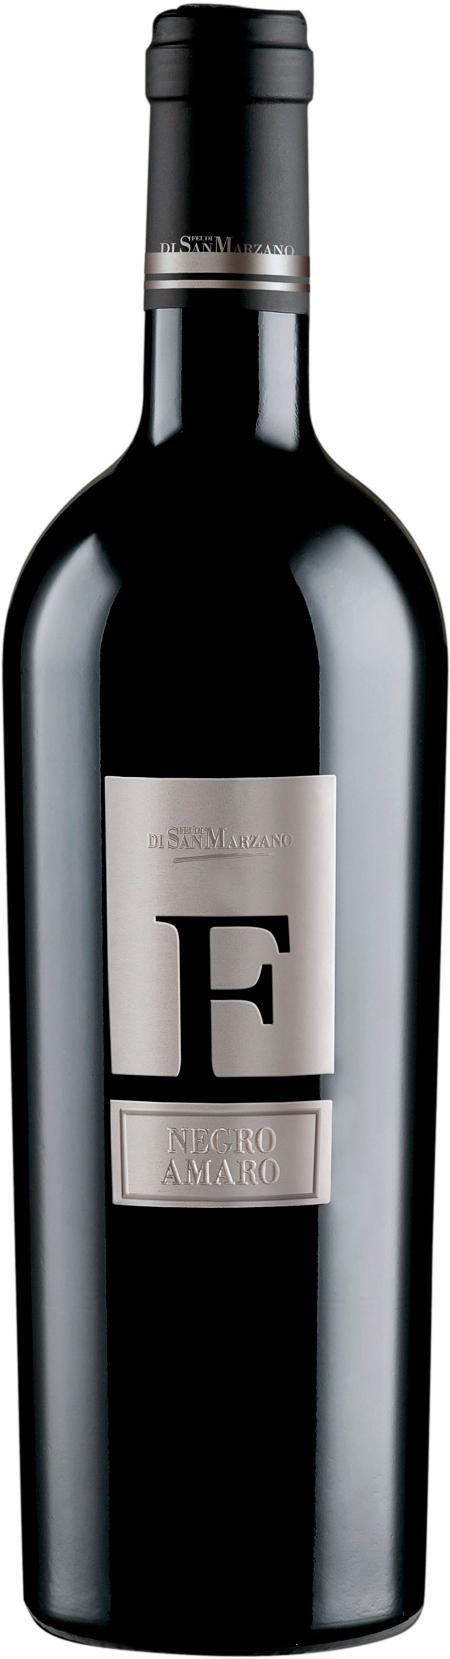 San Marzano (F) Negroamaro 2014 Doppelmagnum (3,0l. )